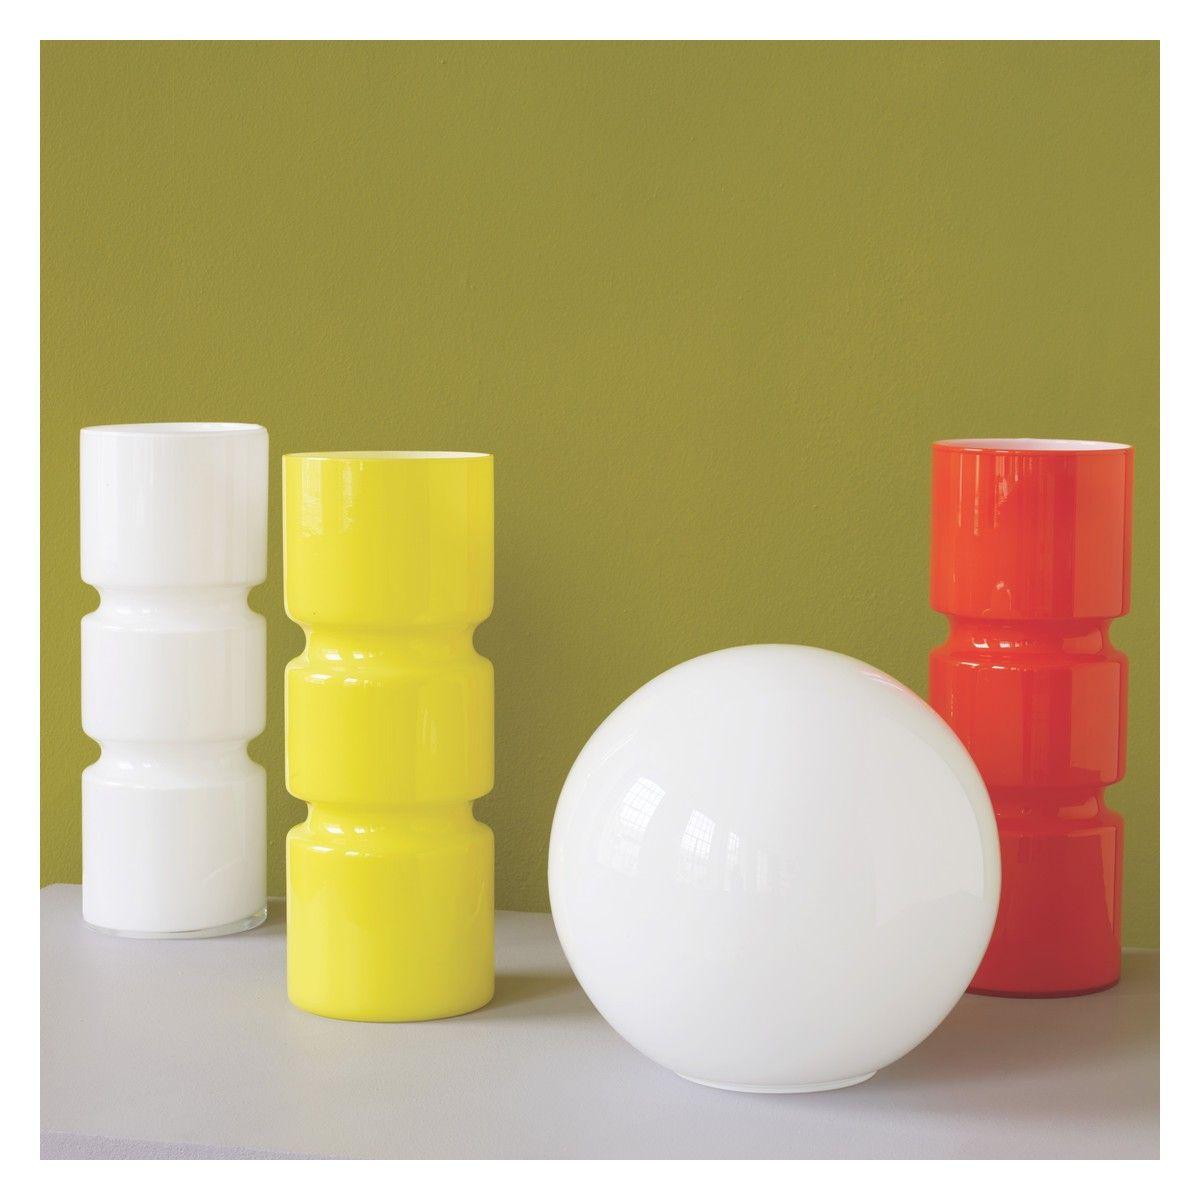 FITZ Orange glass table lamp   Buy now